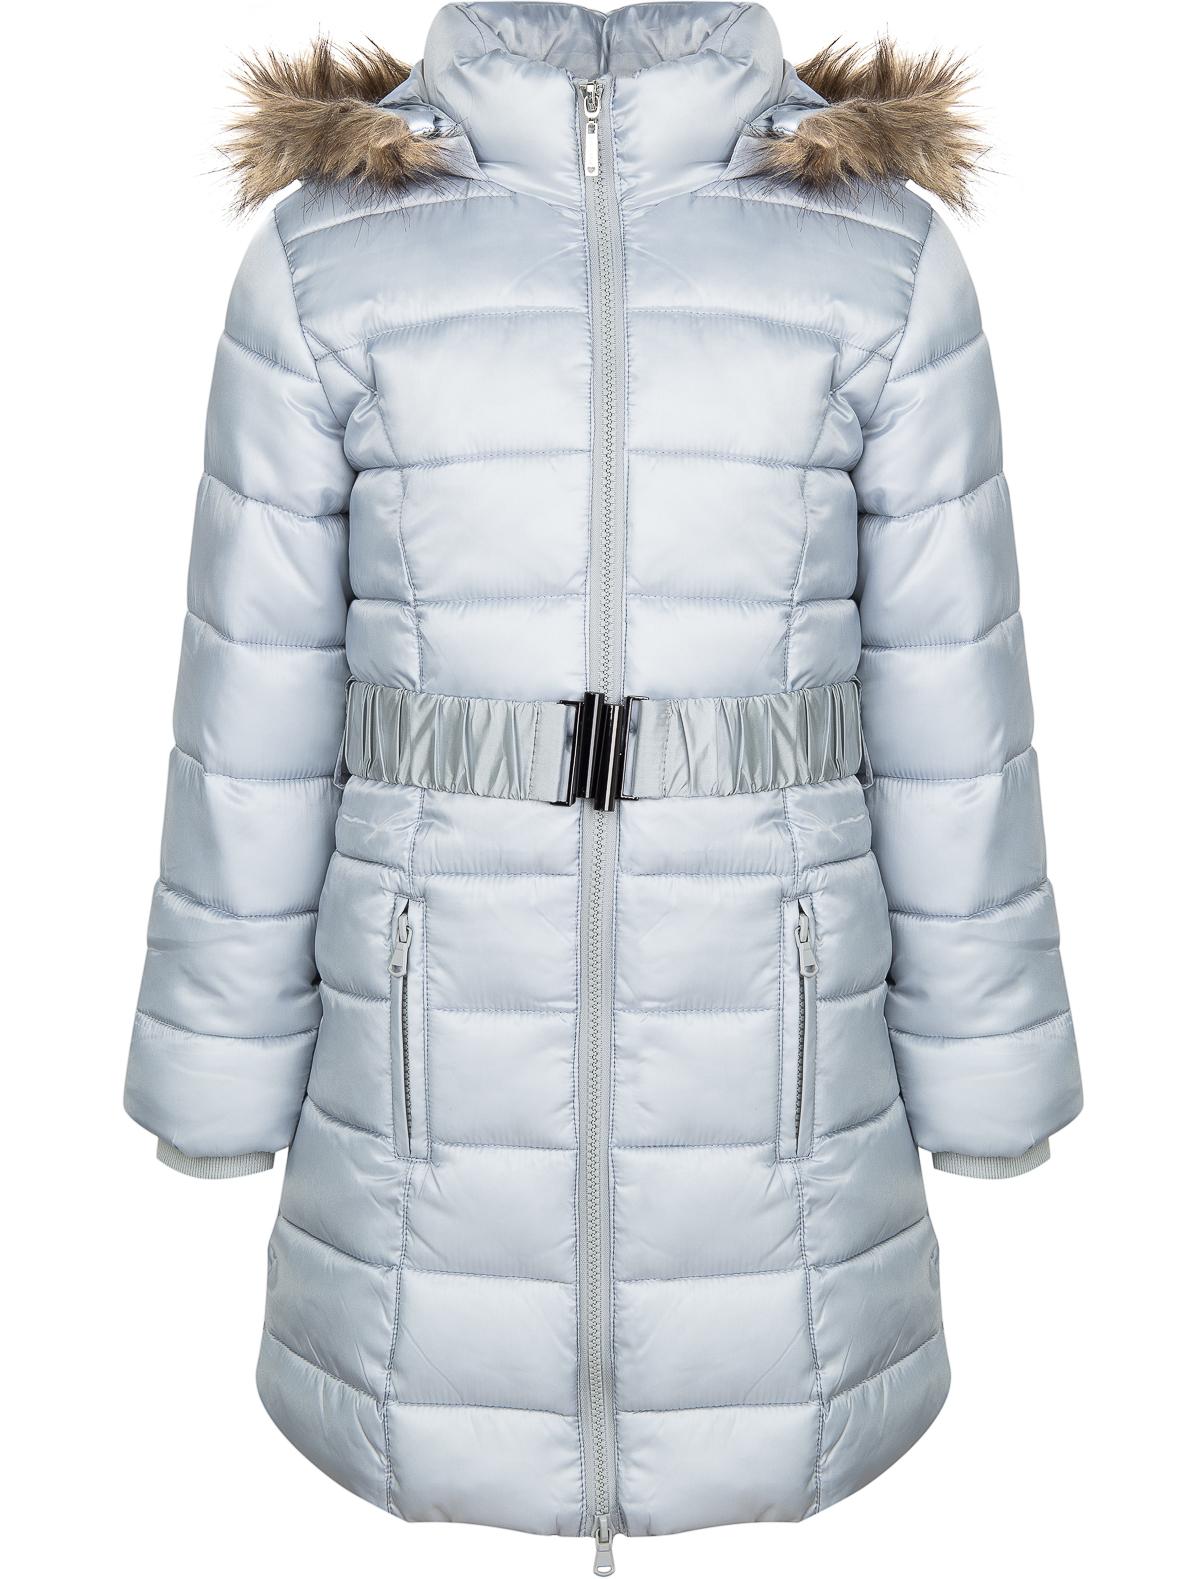 Купить 1879925, Пальто SILVIAN HEACH Kids, серый, Женский, 1121709780020